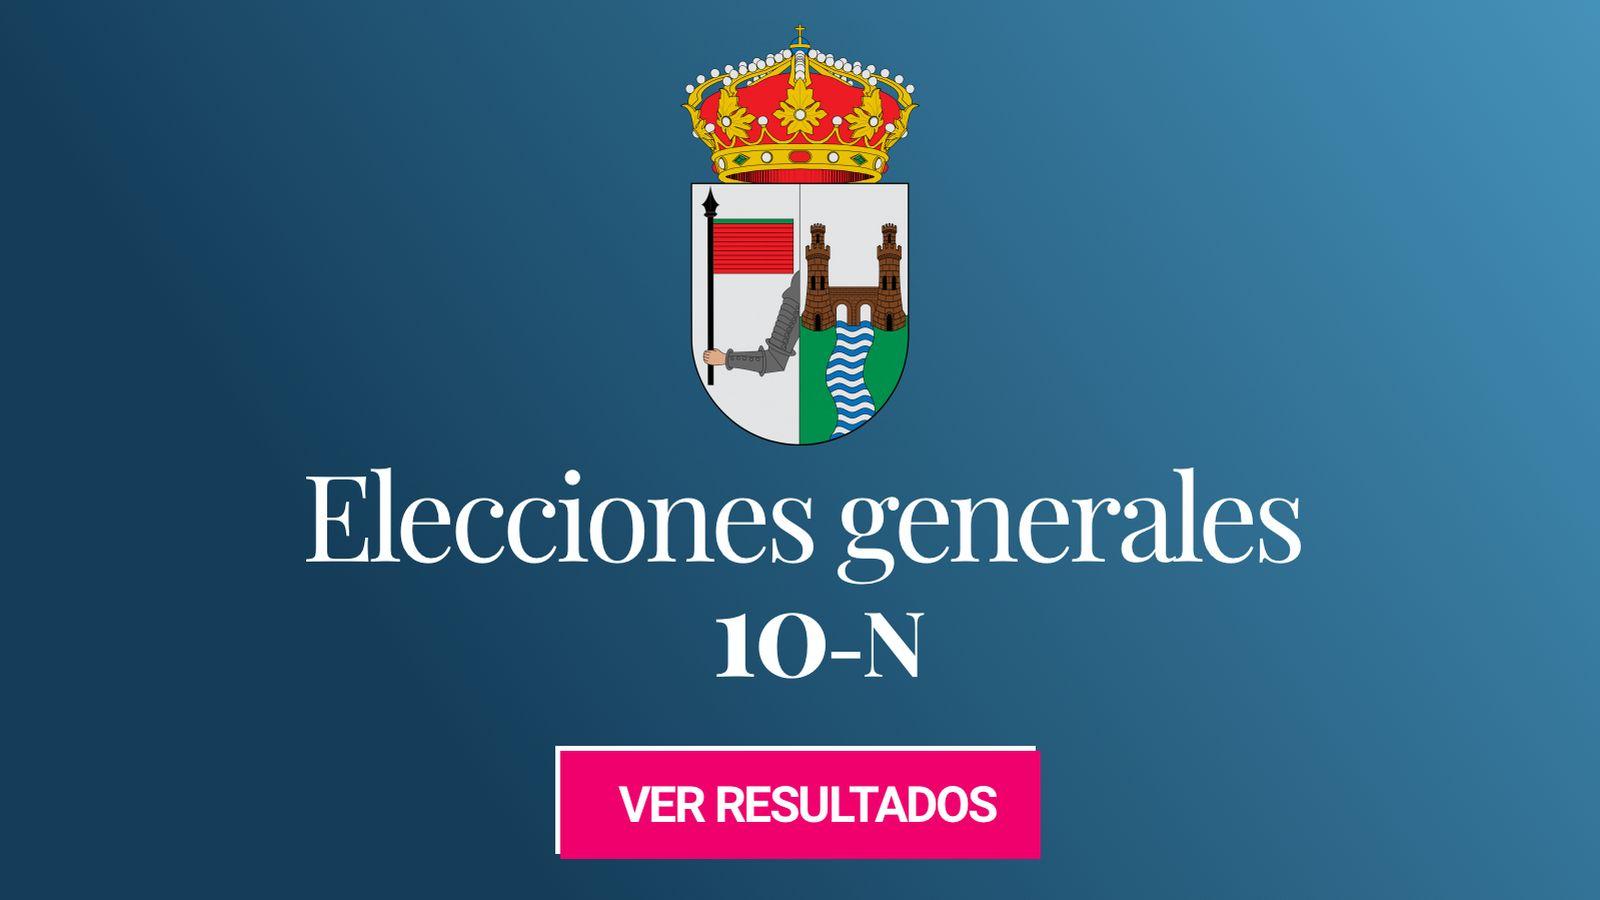 Foto: Elecciones generales 2019 en Zamora. (C.C./EC)